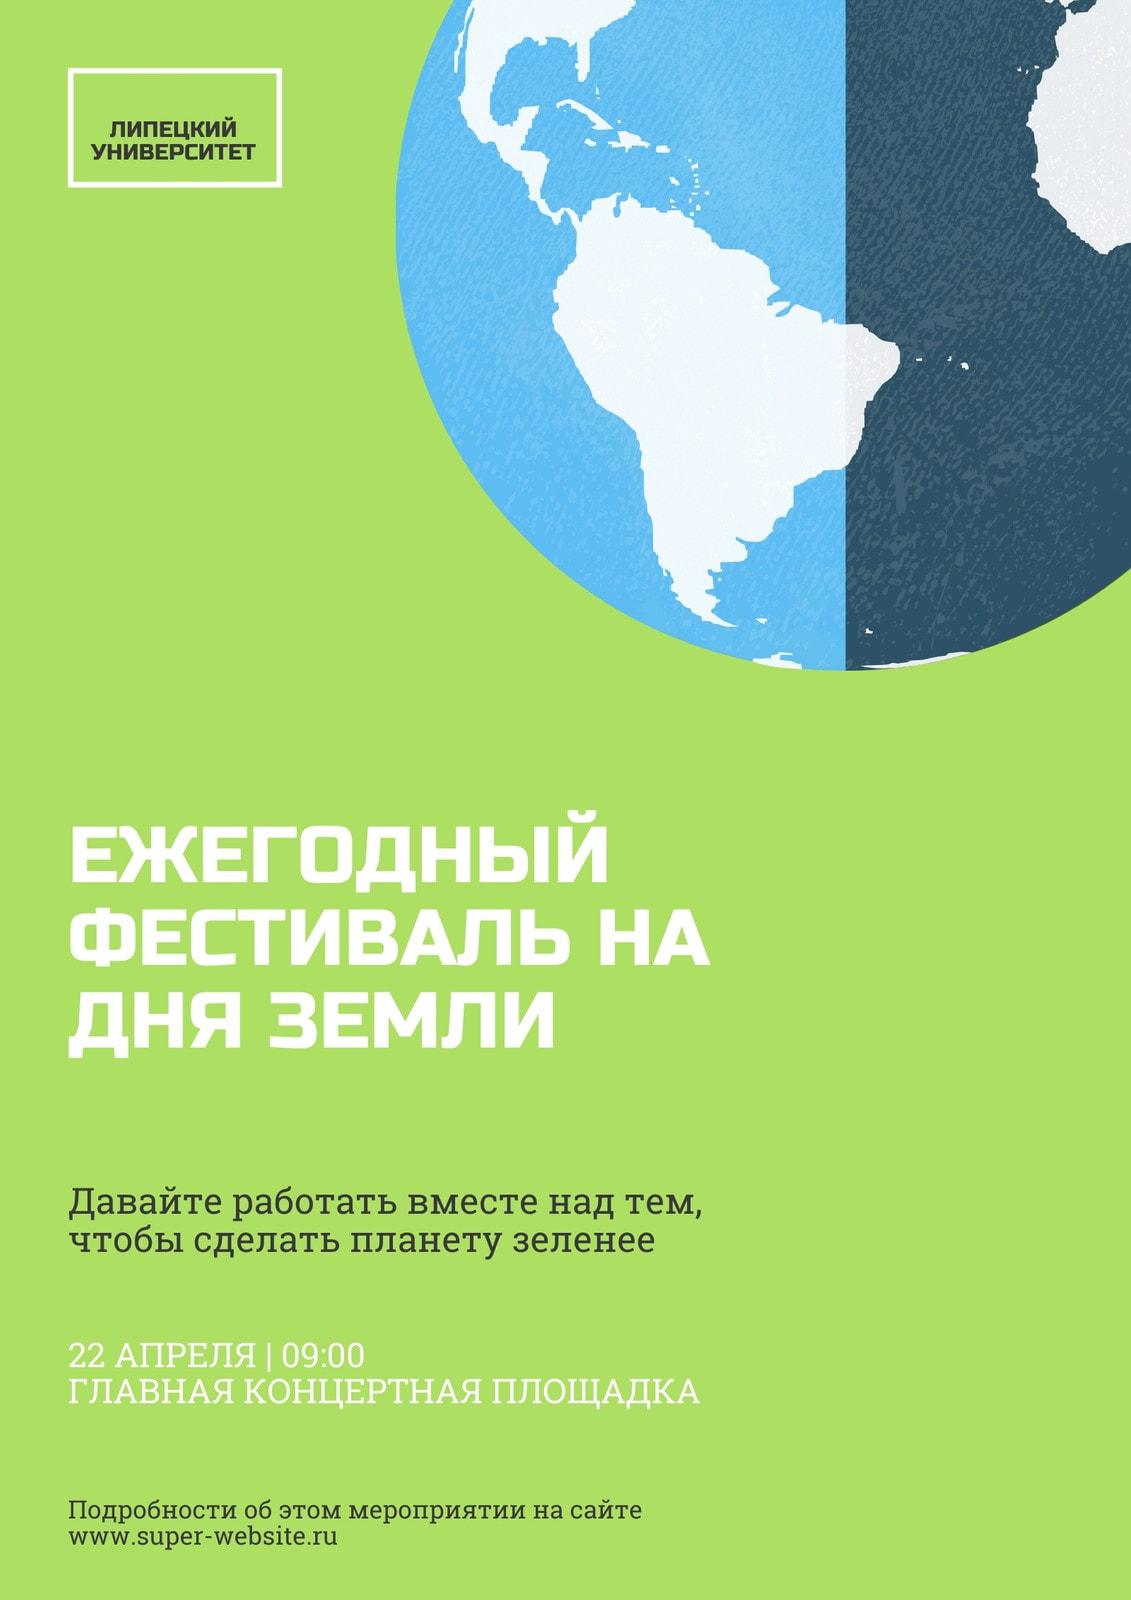 Зеленый Иллюстрированный День Земли Плакат